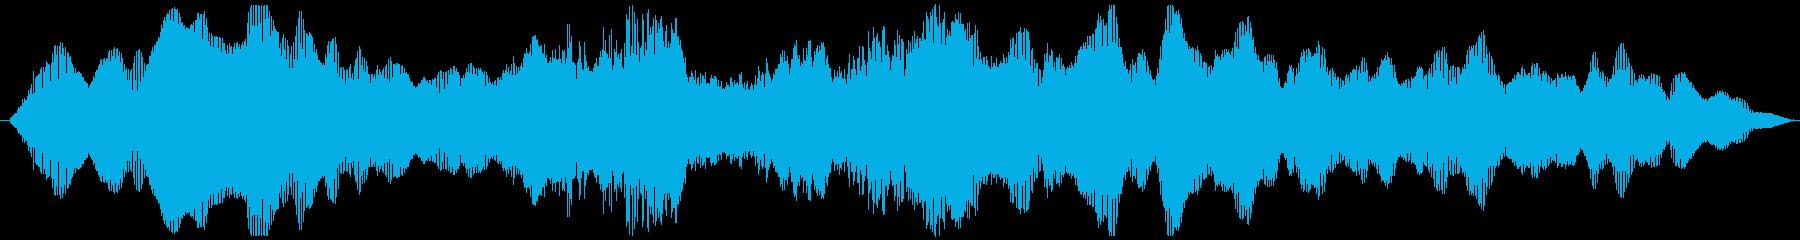 【アイキャッチ/ヴァイオリンBm】の再生済みの波形